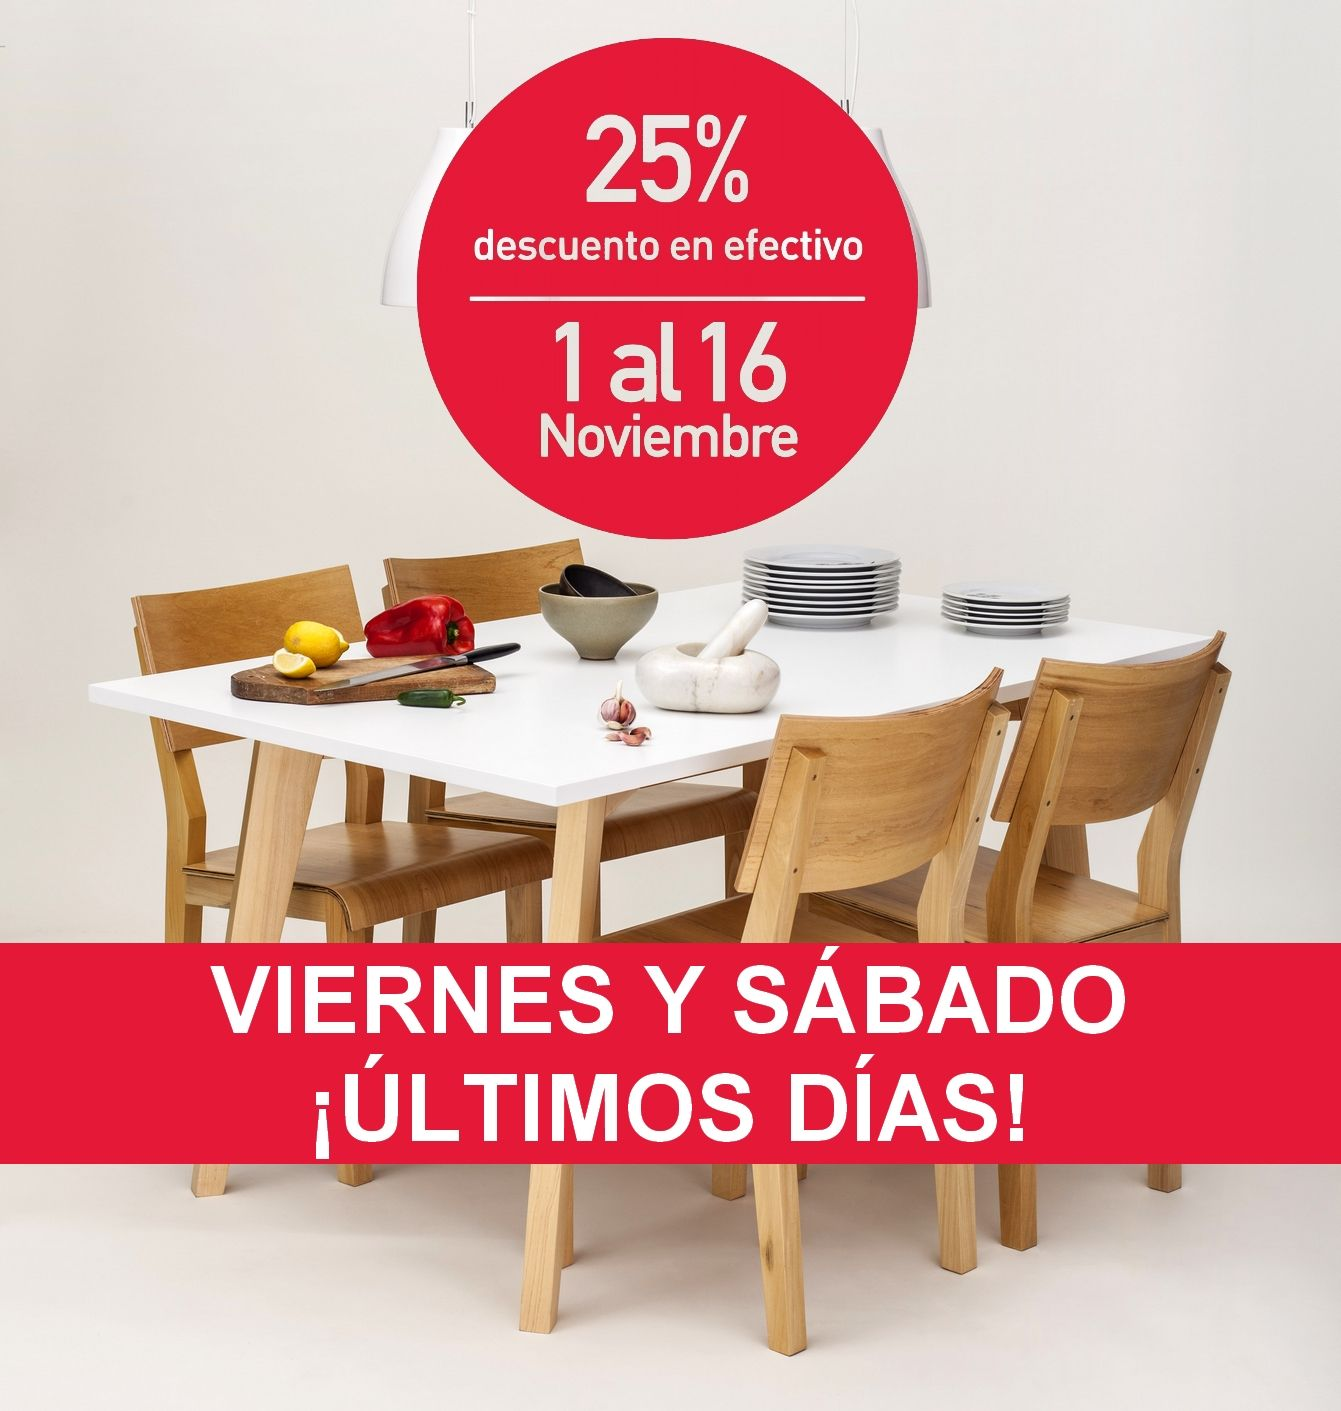 ¡Últimos 2 días para aprovechar el 25% OFF en muebles para tu casa! Te esperamos hoy viernes y mañana sábado en nuestros locales: Thames 1373 y Arenales 1257, Bs As www.unimate.com.ar